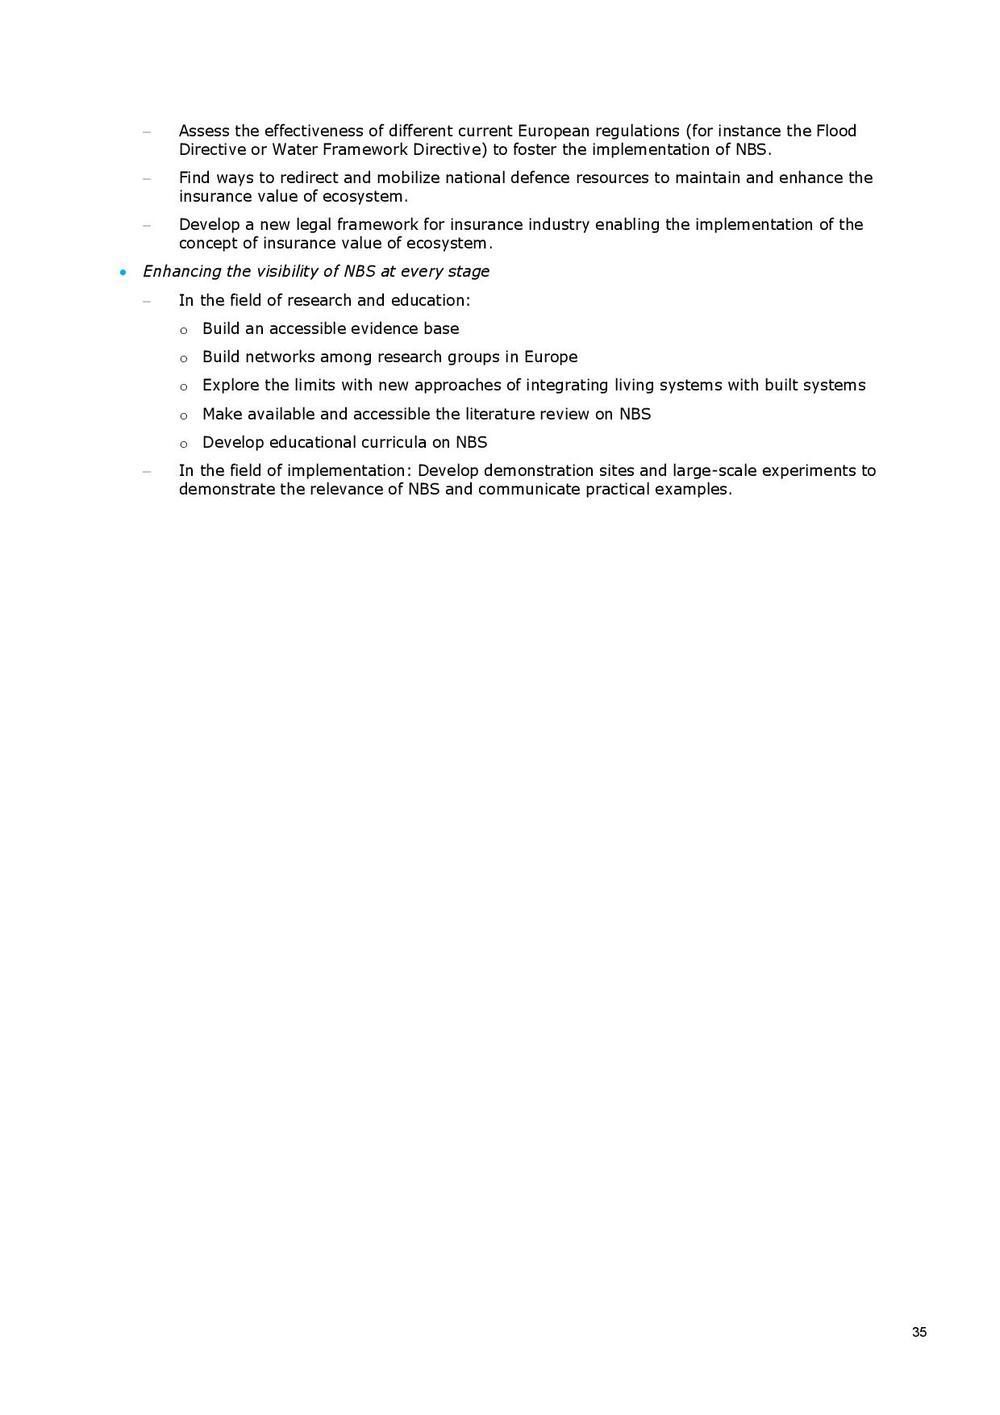 DG RTD_WEB-Publication A4_NBS_long_version_20150310-page-037.jpg